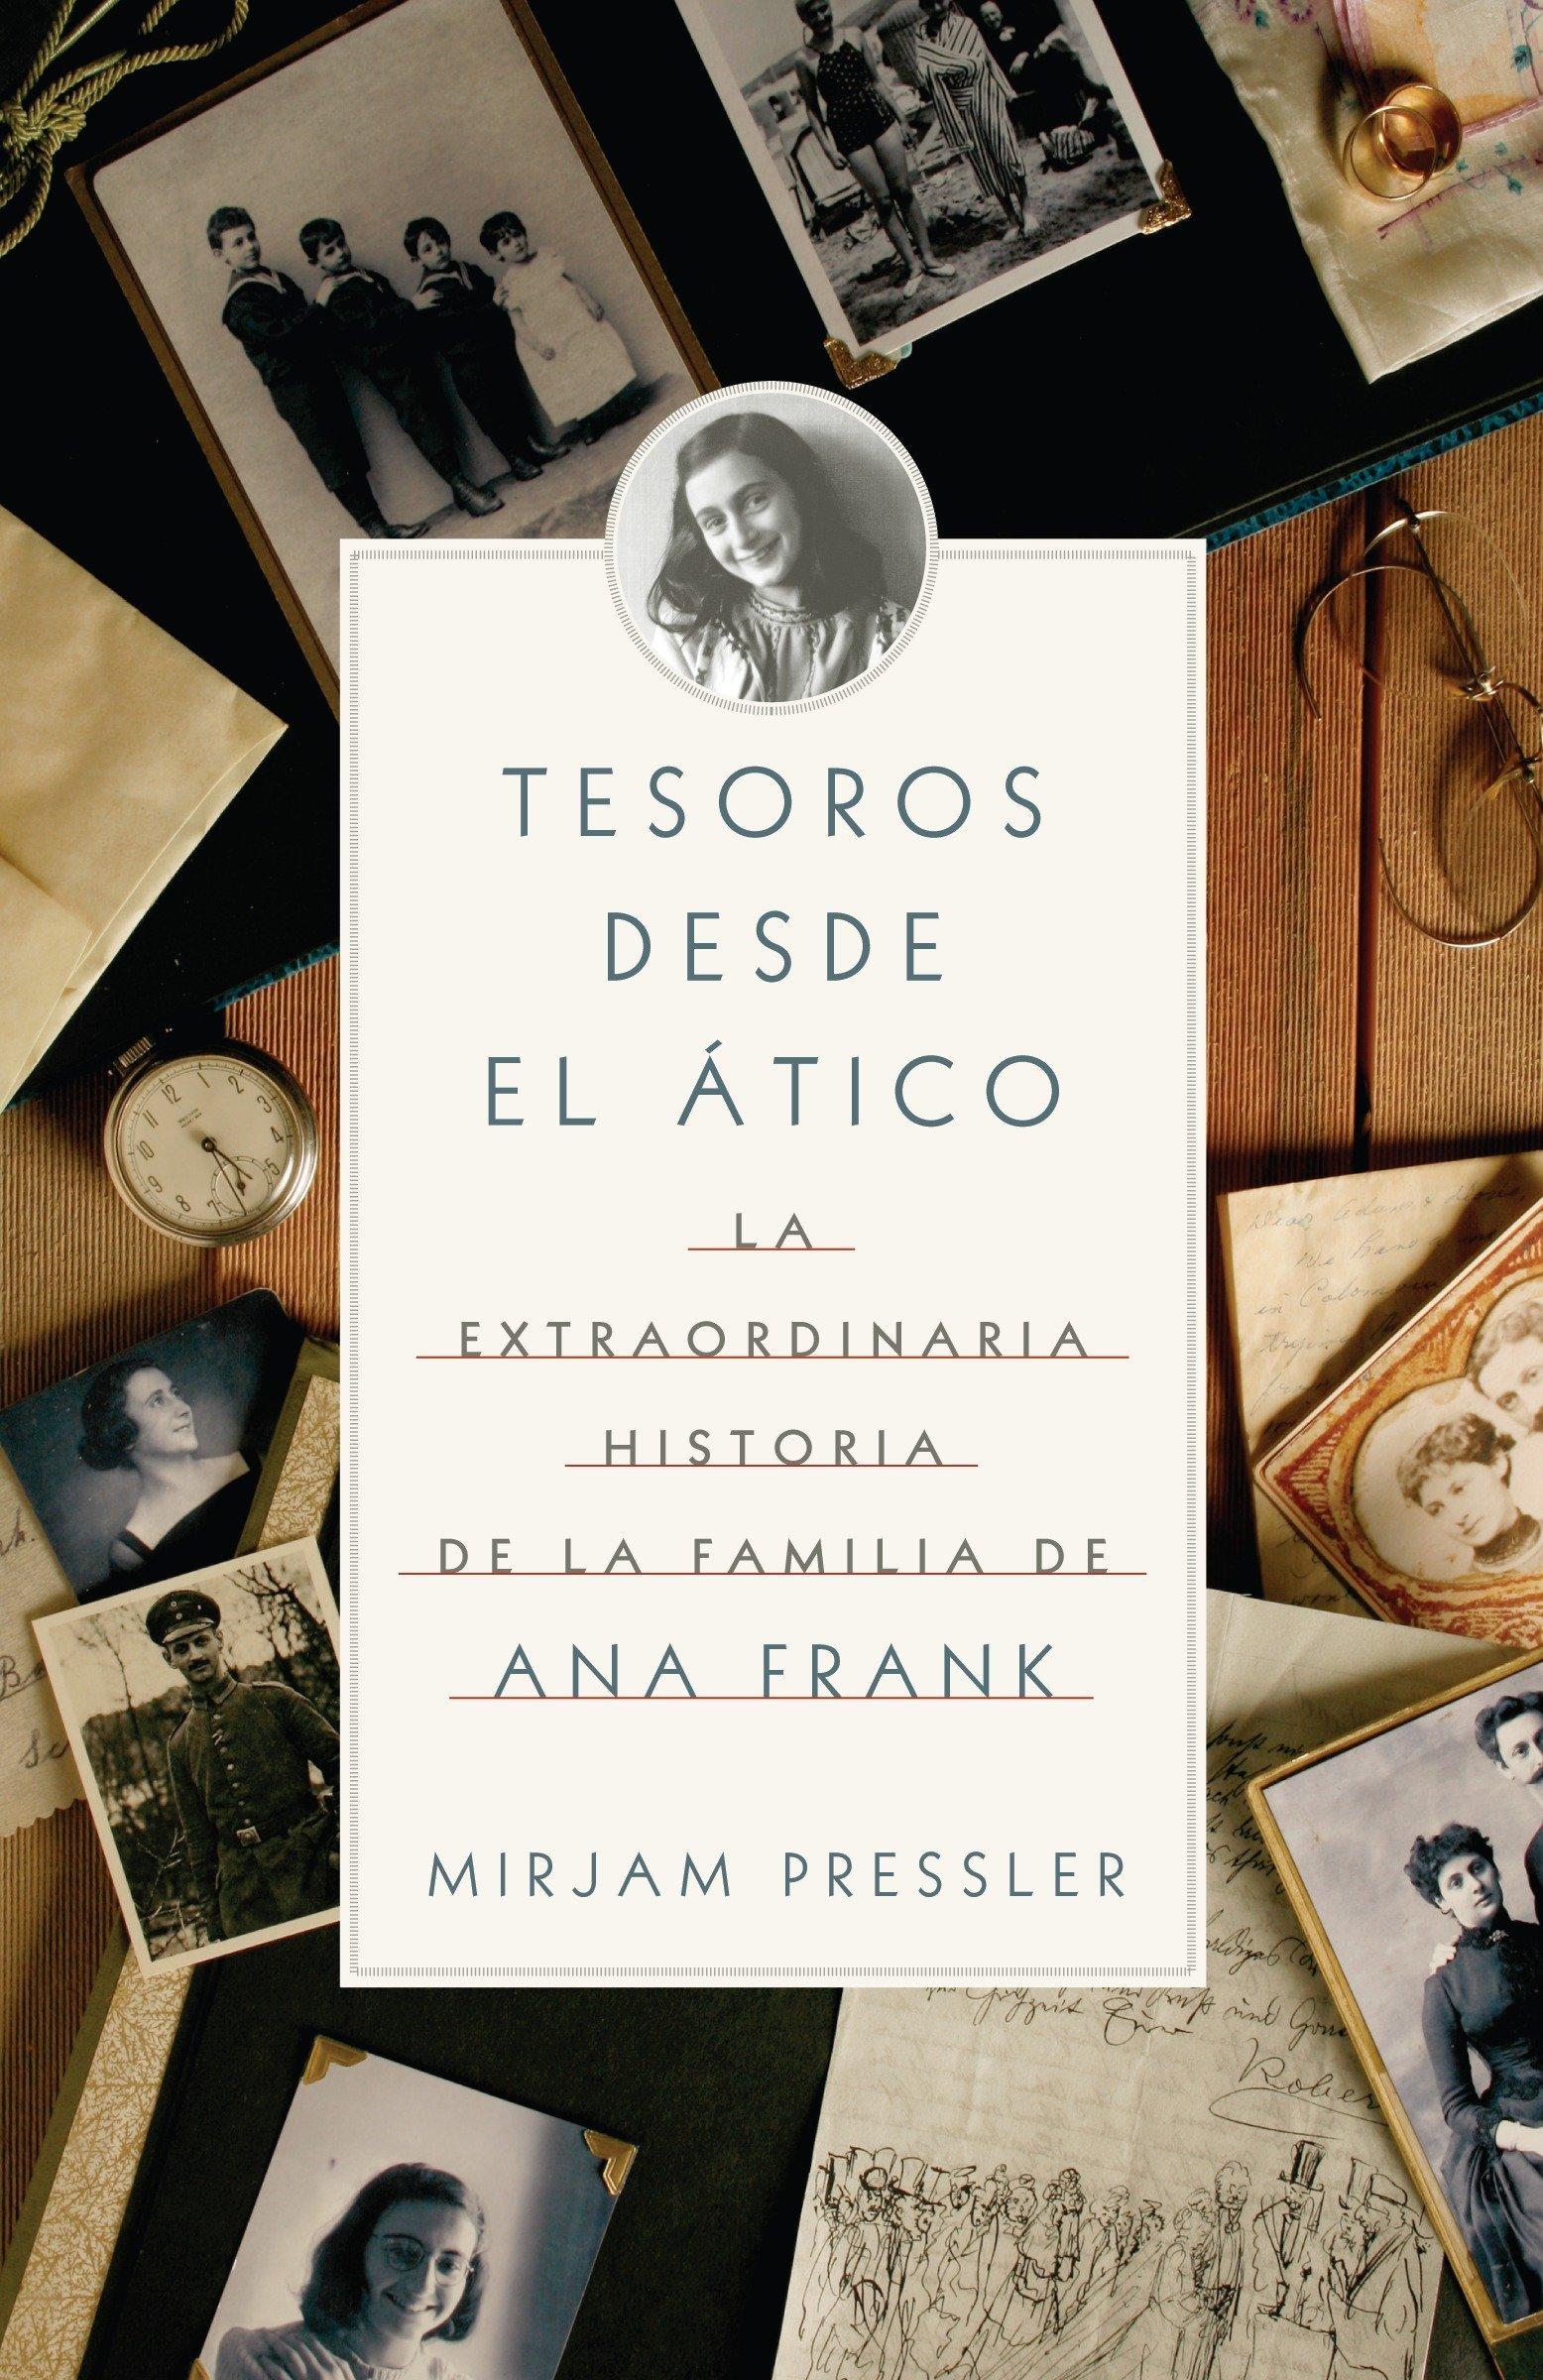 Tesoros desde el ático: La extraordinario historia de la familia de Ana Frank (Spanish Edition): Mirjam Pressler, Elias Gerti: 9780307743466: Amazon.com: ...